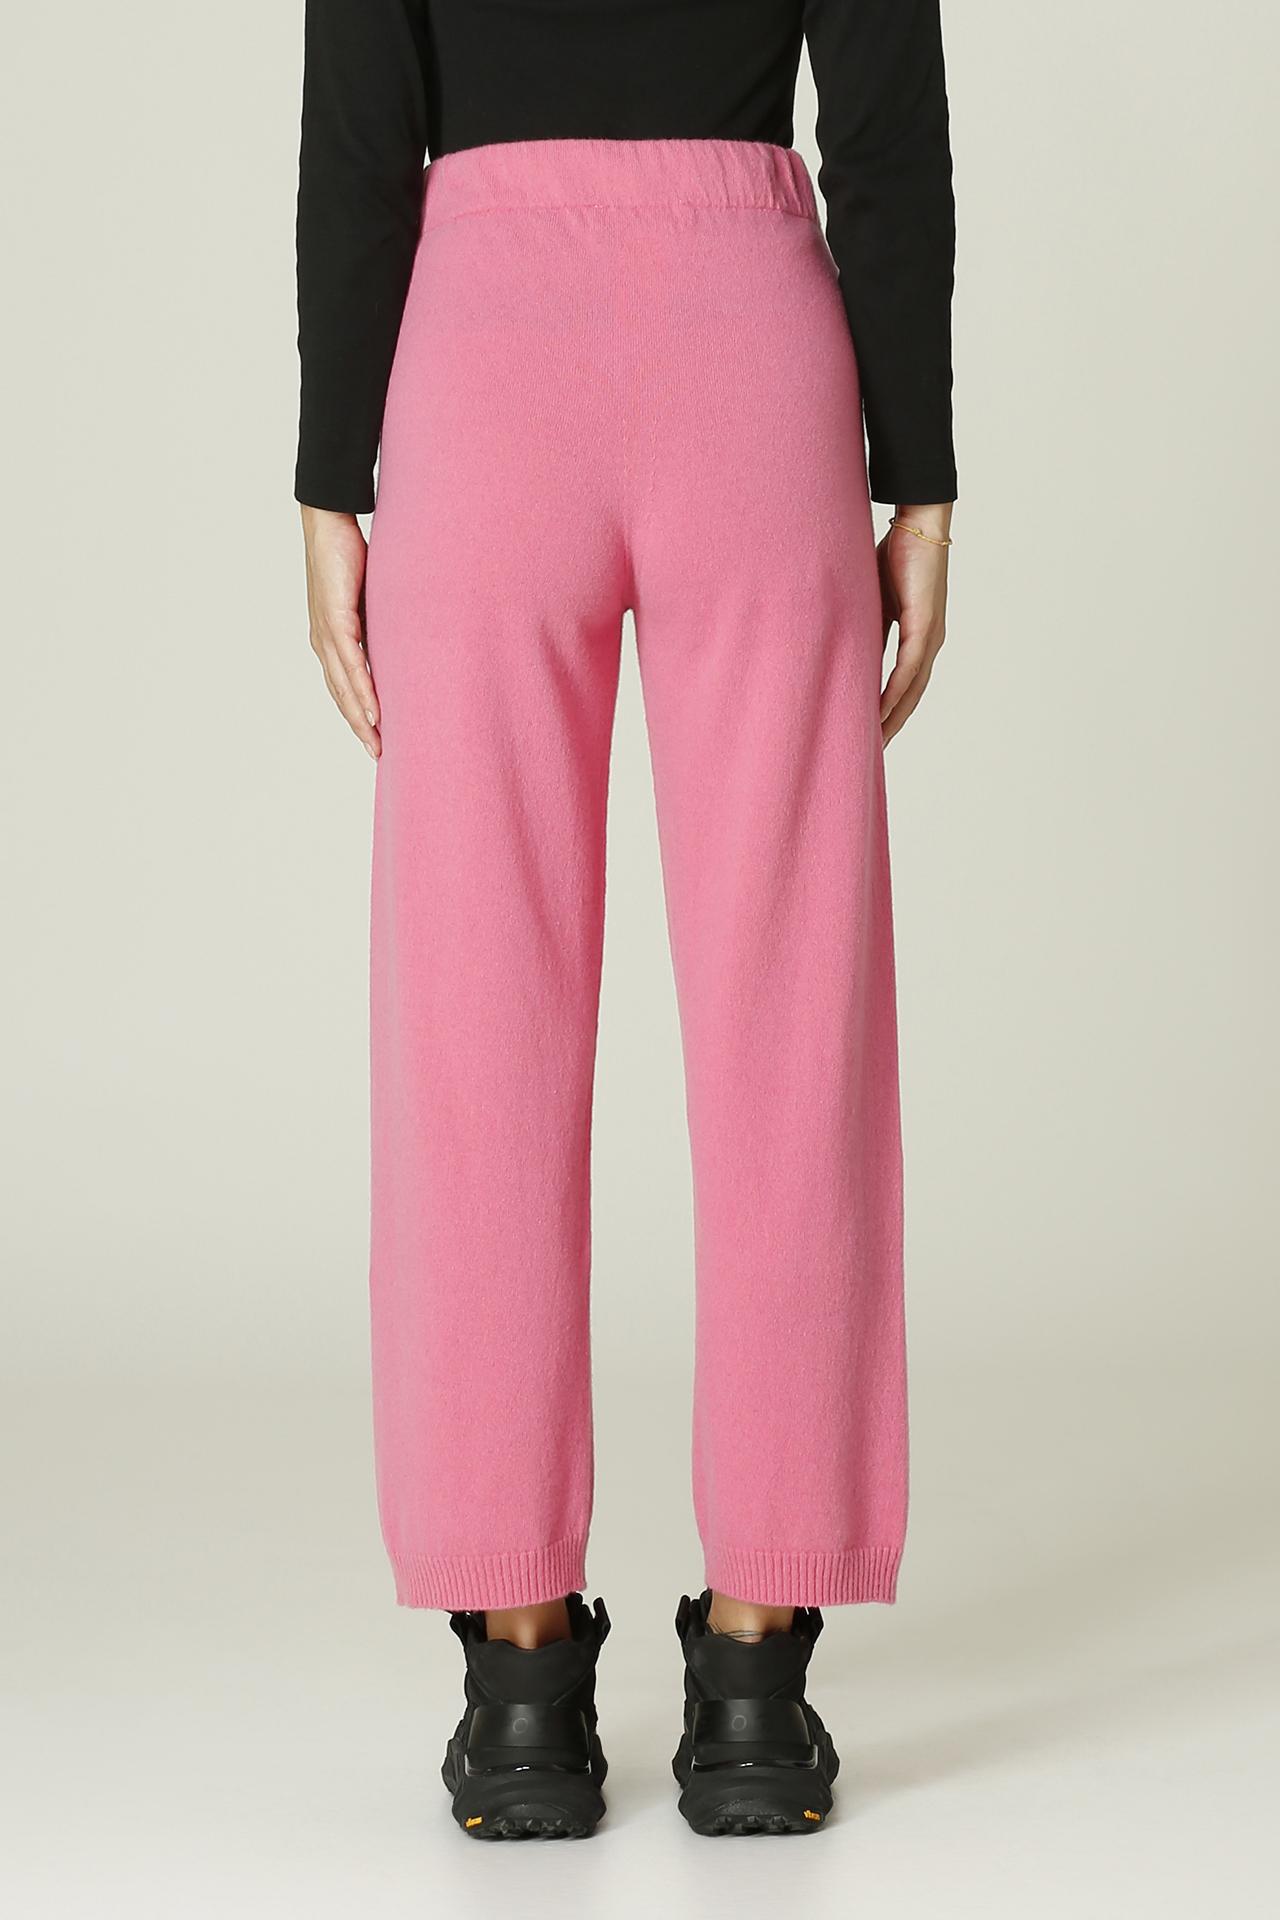 Pantalone in lana CIRCUS HOTEL | Pantalone | H1WN08ROSA